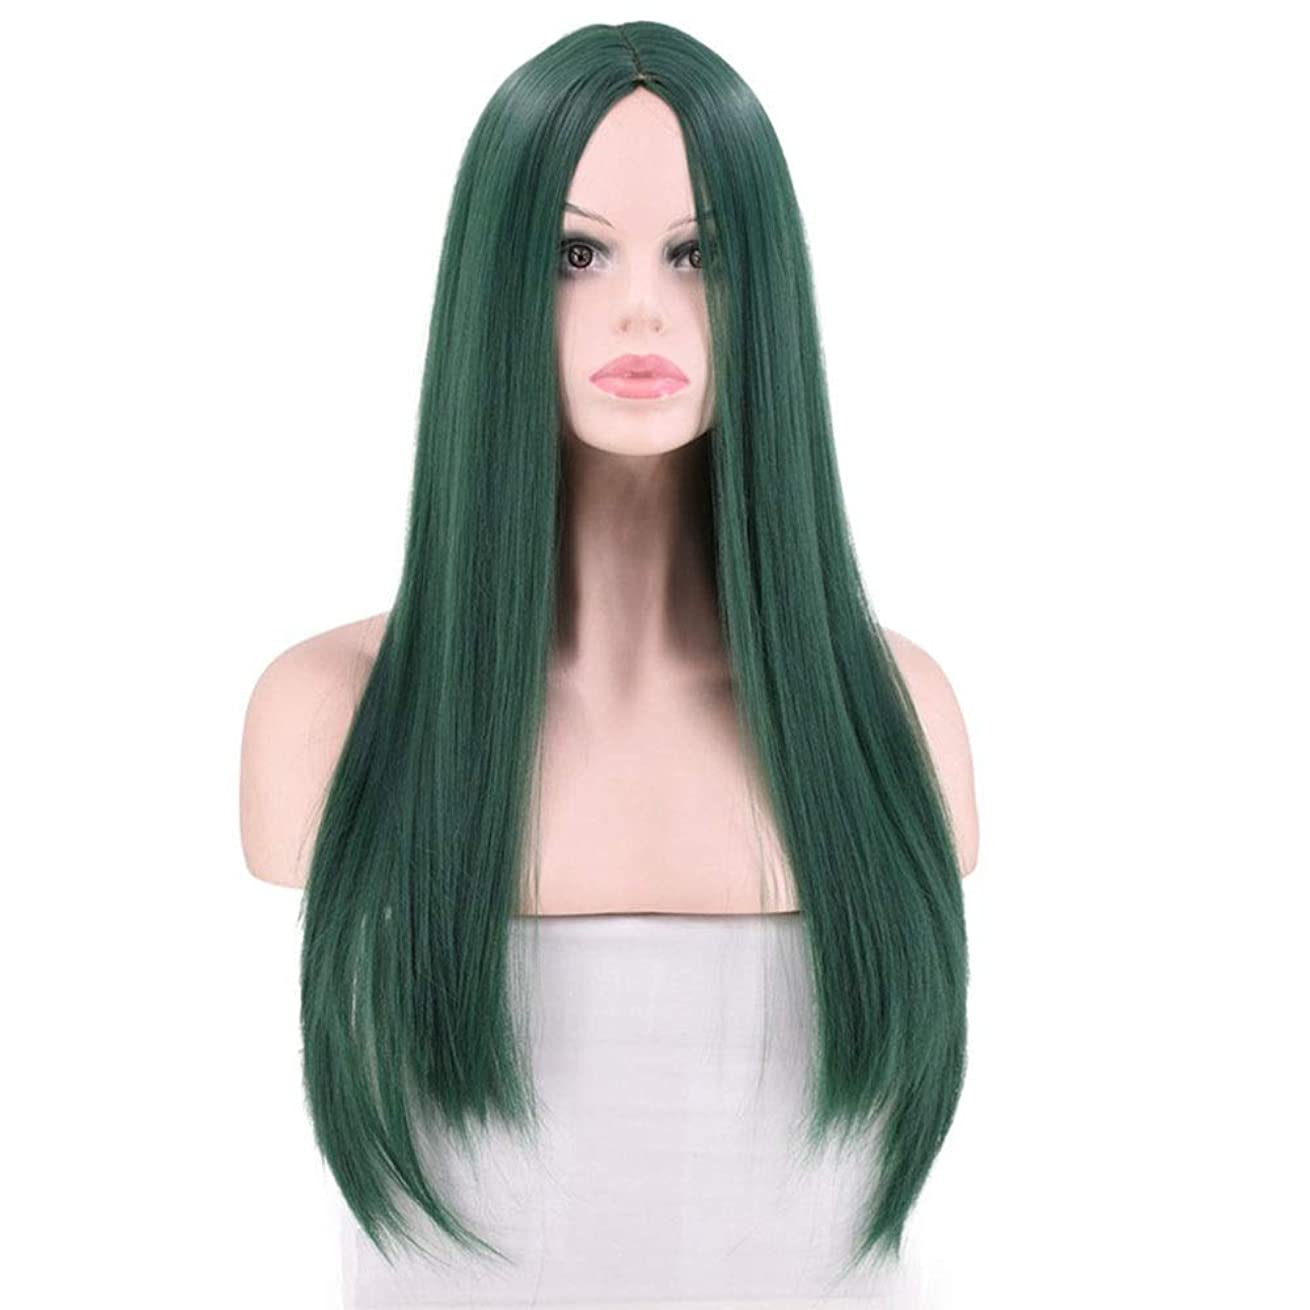 初心者適応脅威Yrattary 女性のピンクの長いストレートの髪のかつら耐熱性コスプレパーティードレスのかつらロールウィッグロールプレイングかつら (色 : Style: 2)